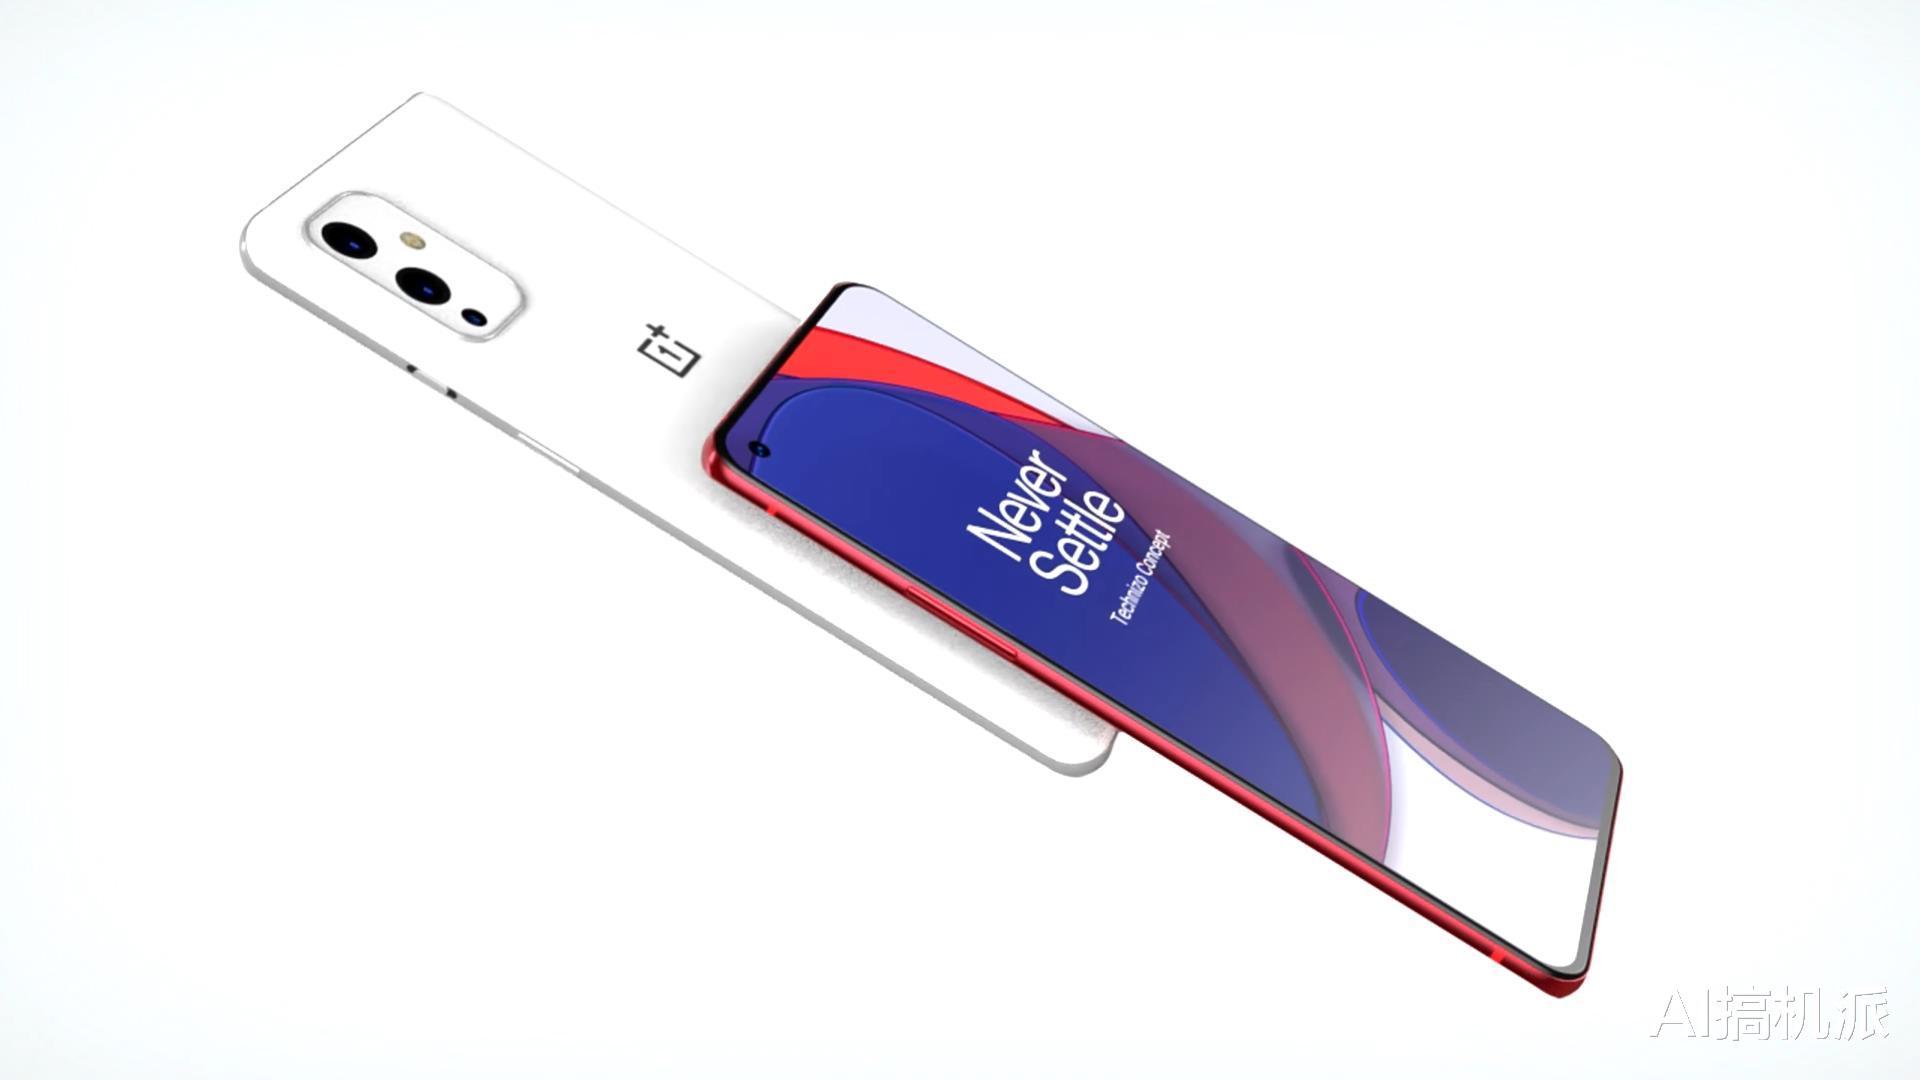 小米11抢先发布骁龙888旗舰处理器,全面打造一流用户体验 好物评测 第2张